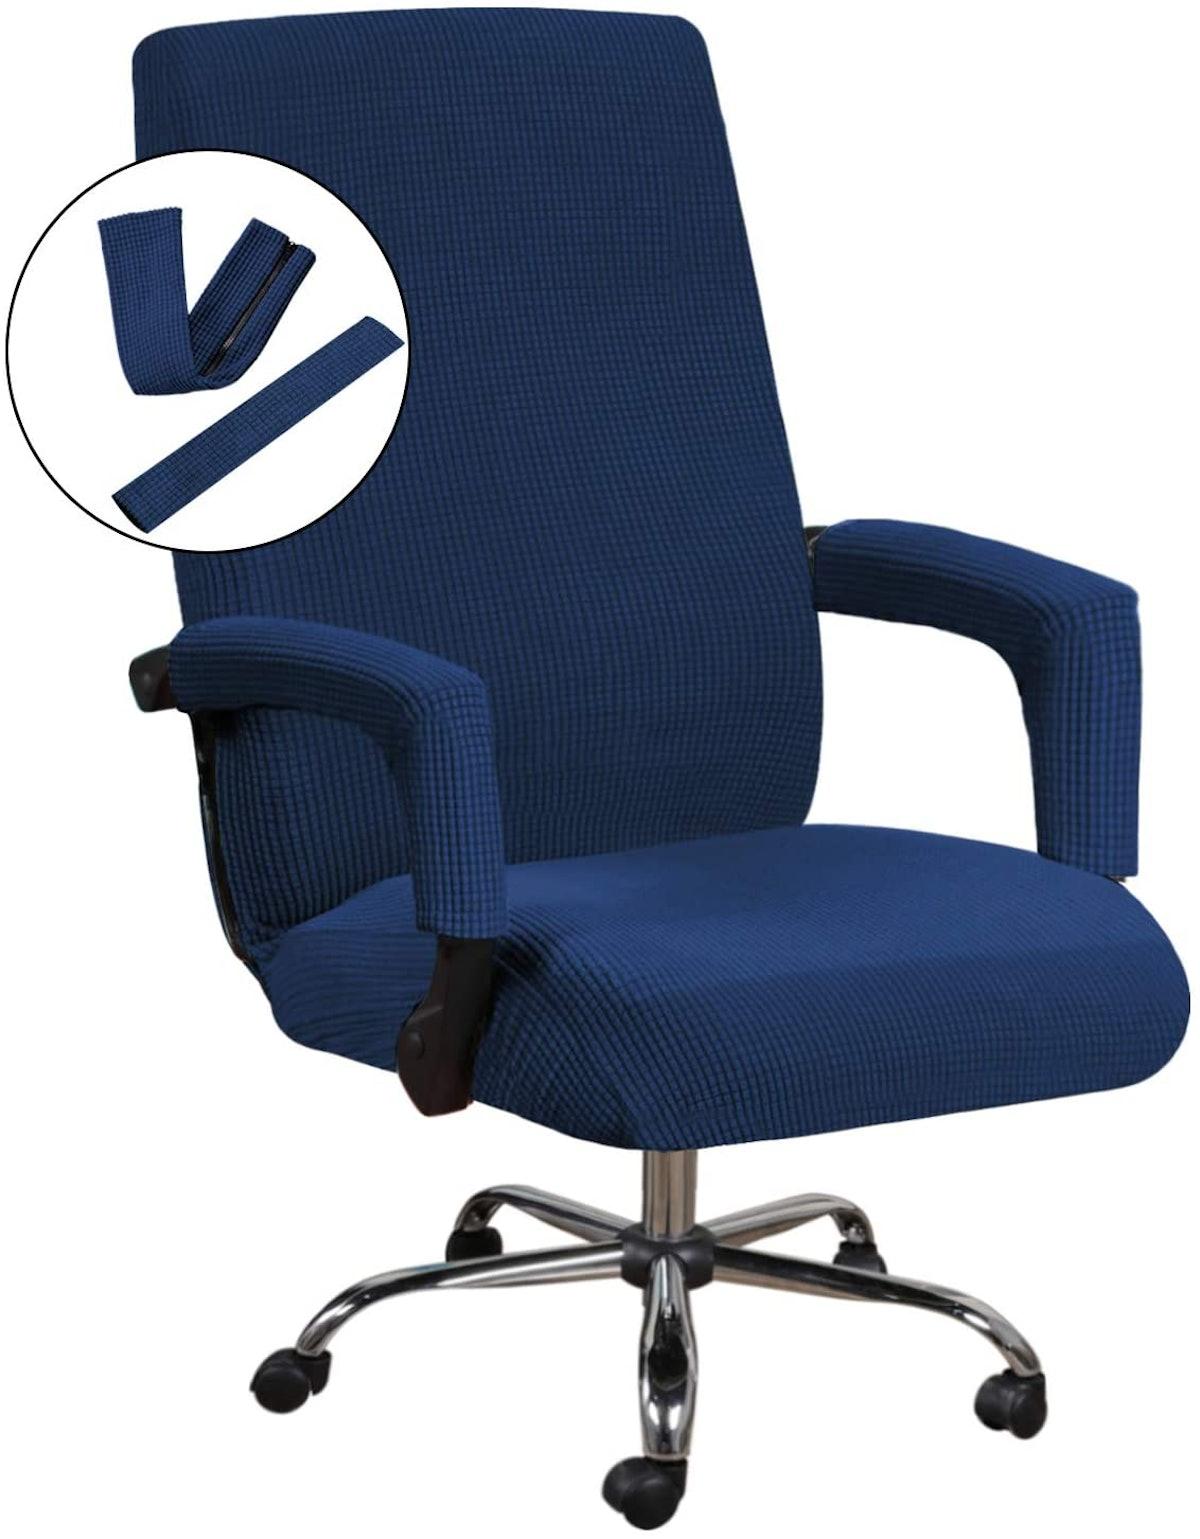 H.VERSAILTEX Computer Office Chair